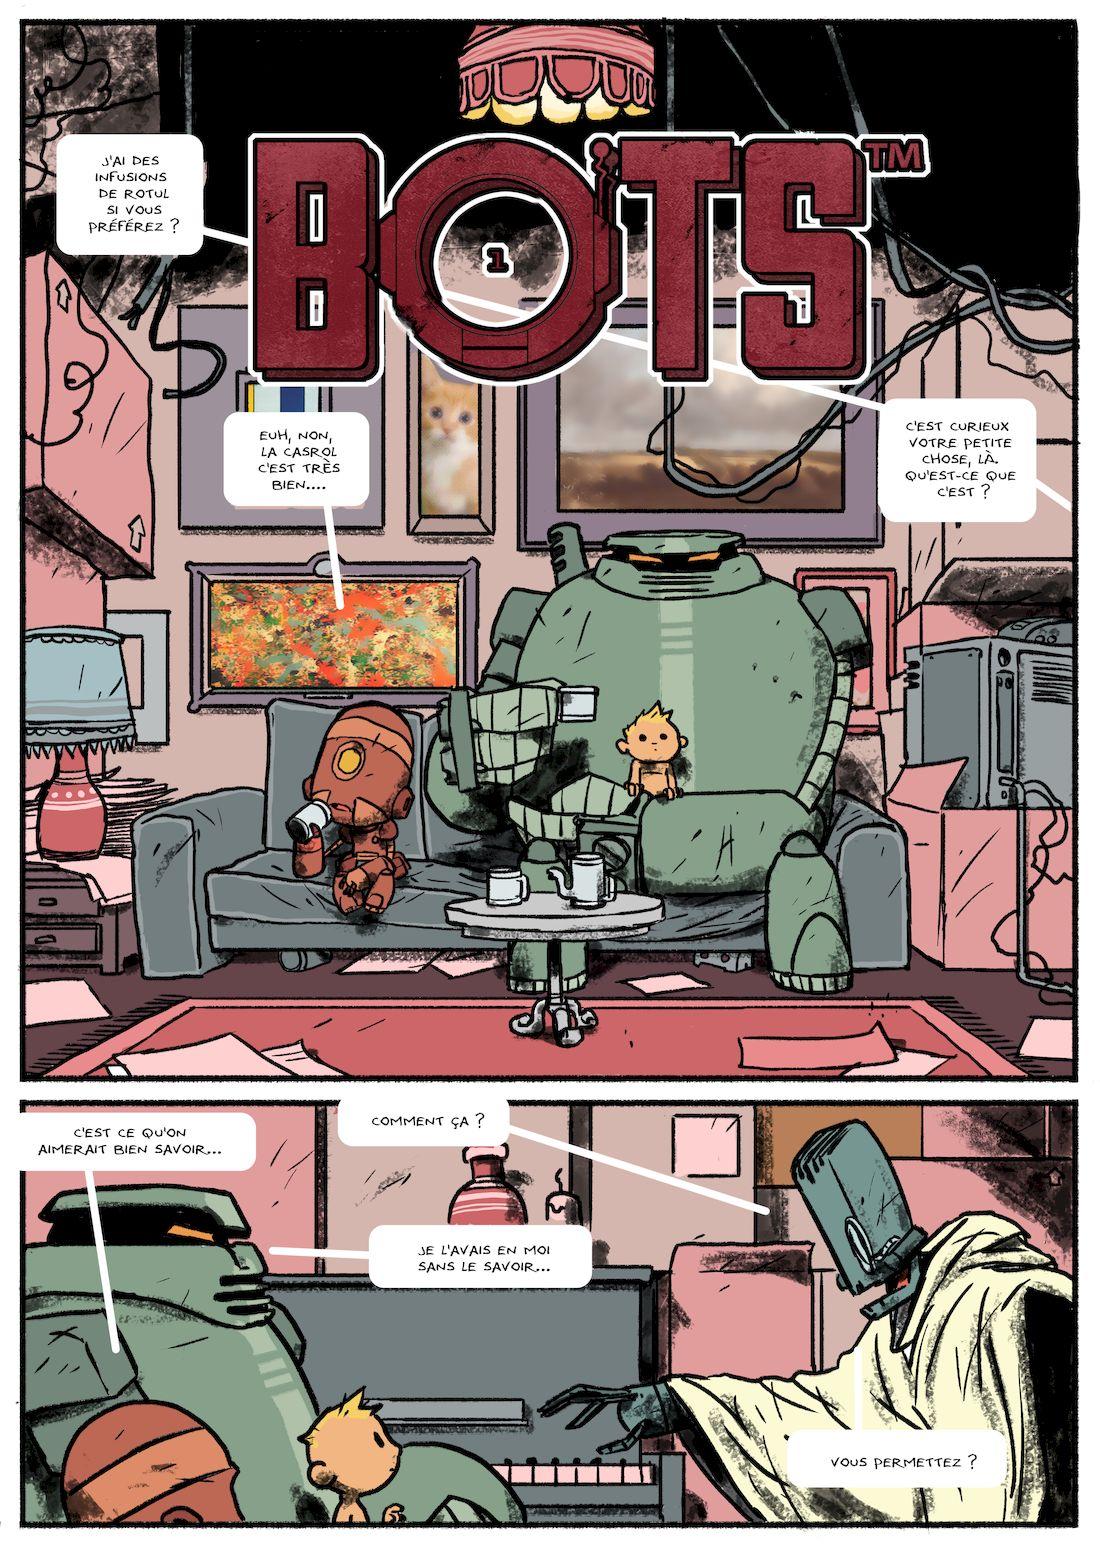 Bots, mise en couleur de la planche 34, WIP © Steve Baker / Aurélien Ducoudray